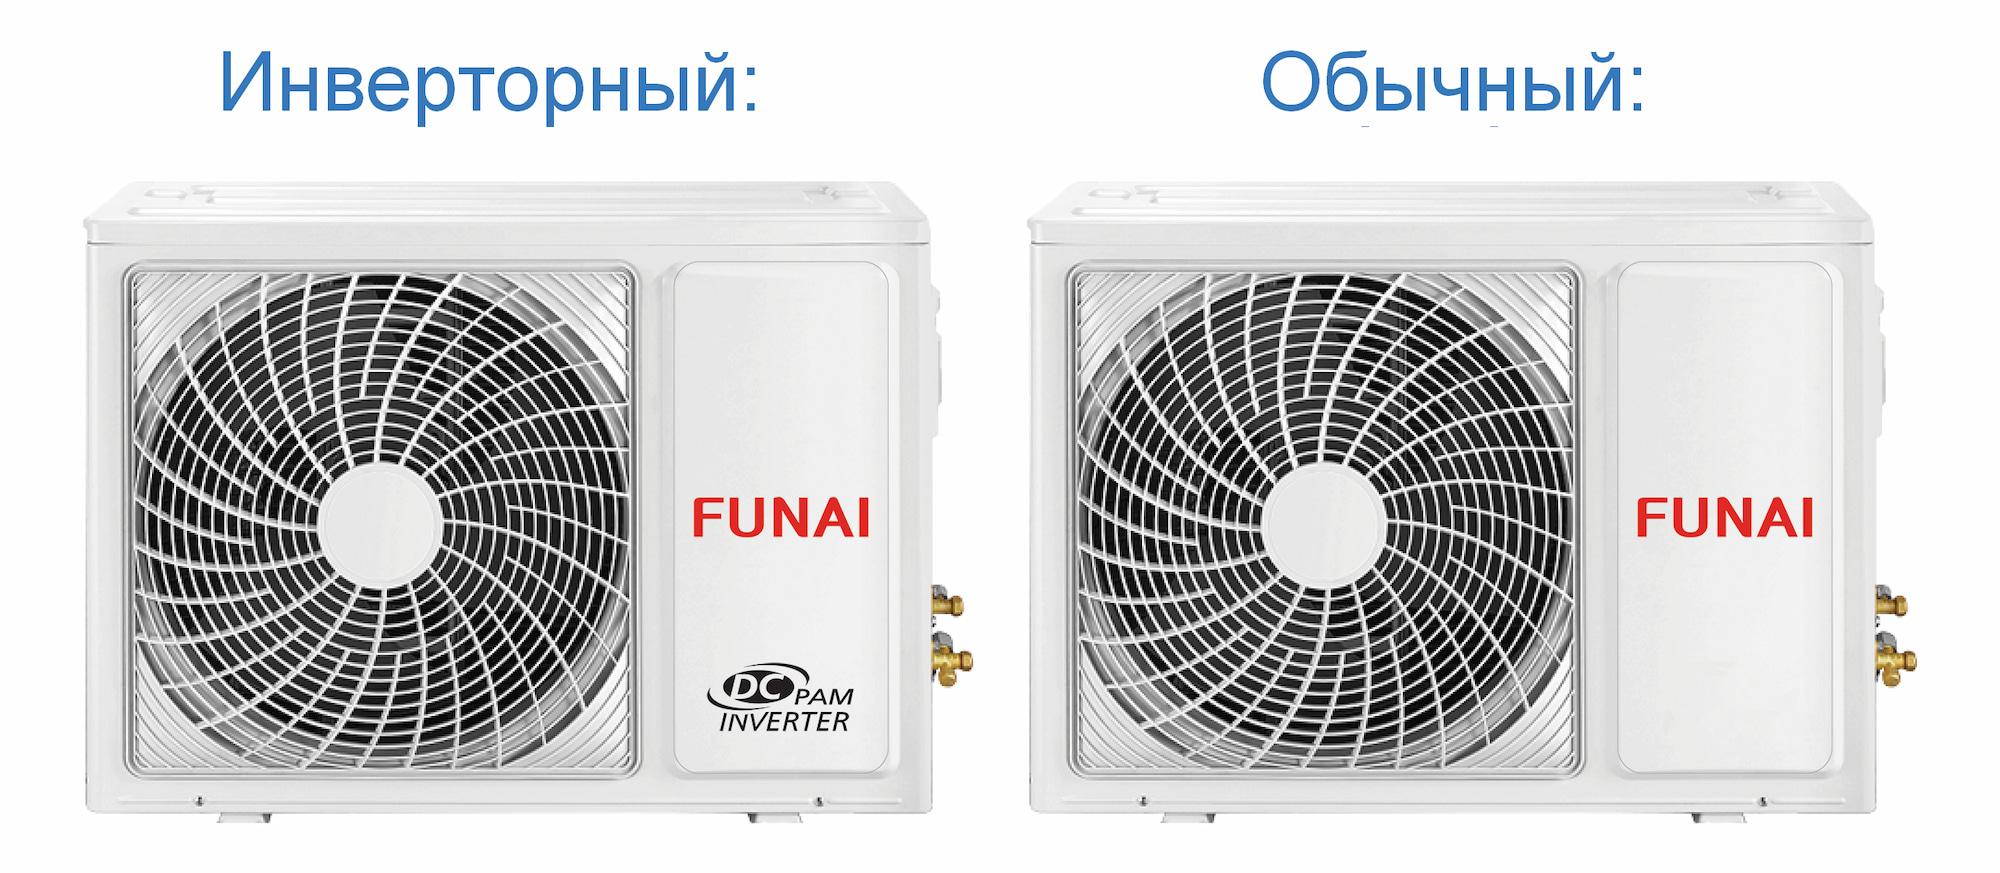 Сравнение внешнего вида наружных блоков сплит системы Funai